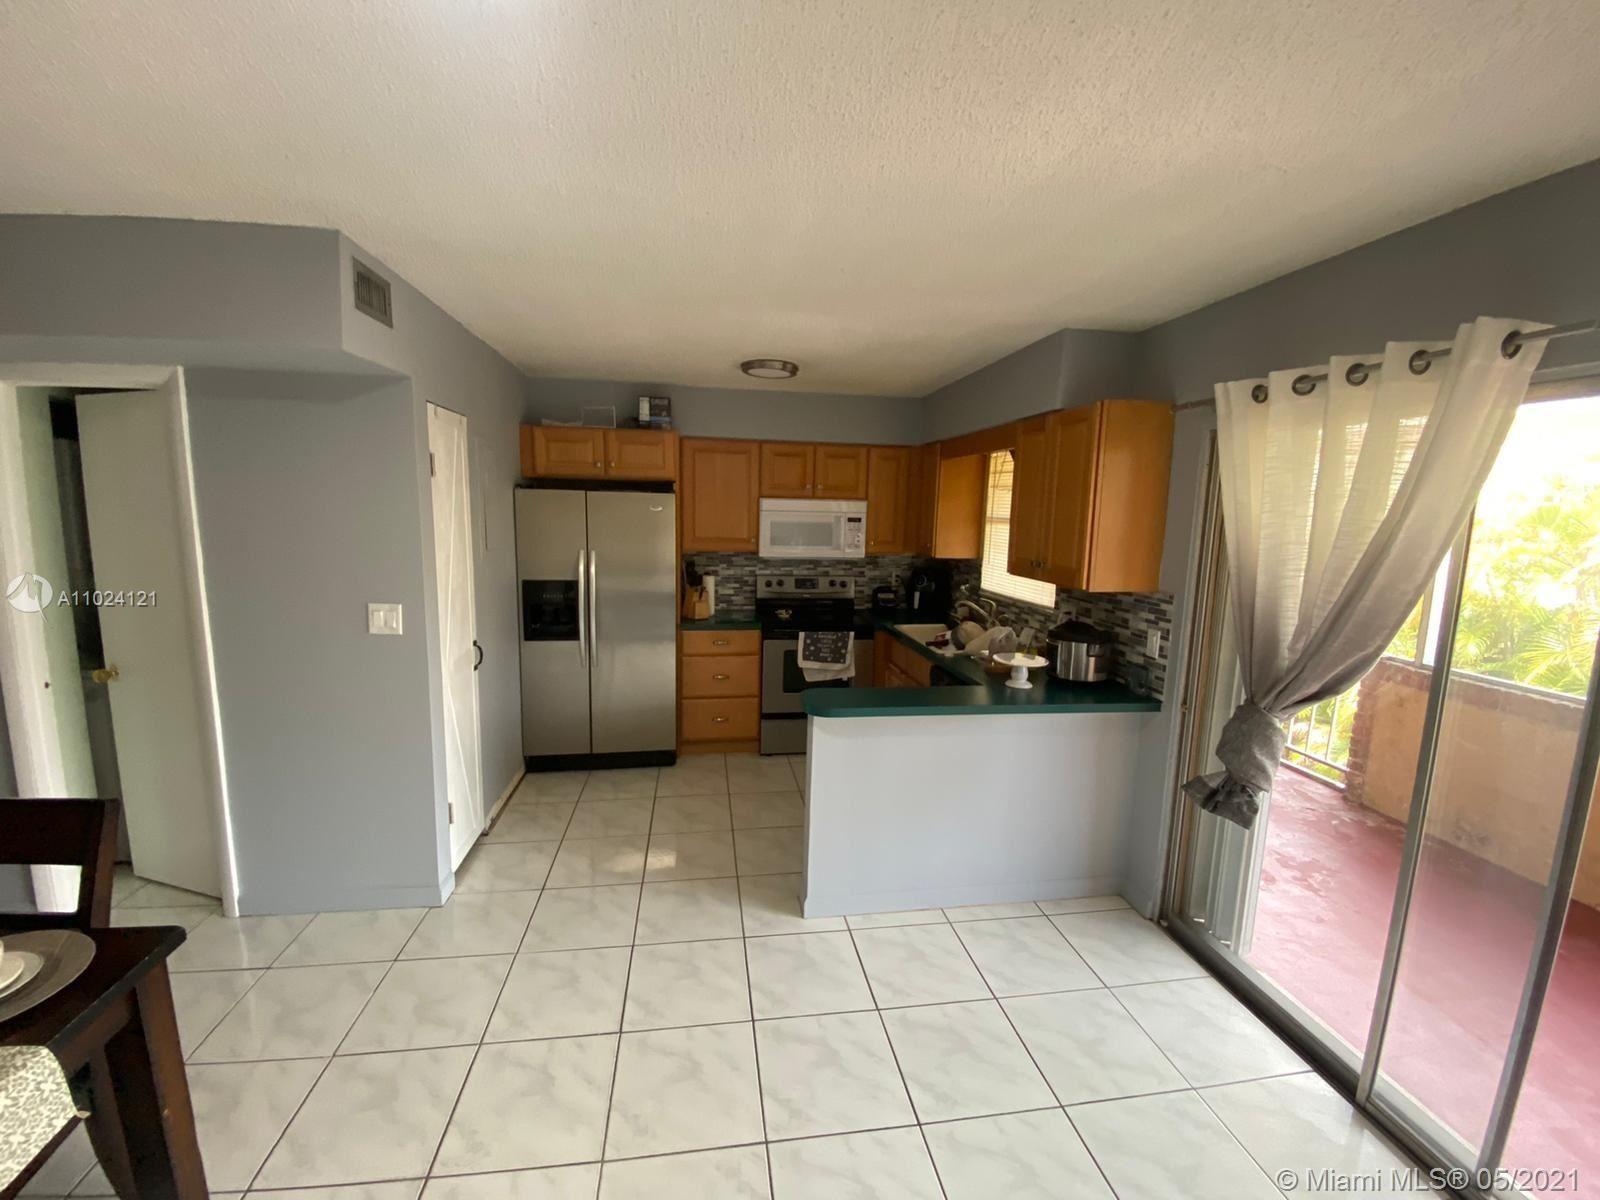 1100 SE 4th Ave #22, Deerfield Beach, FL 33441 - #: A11024121